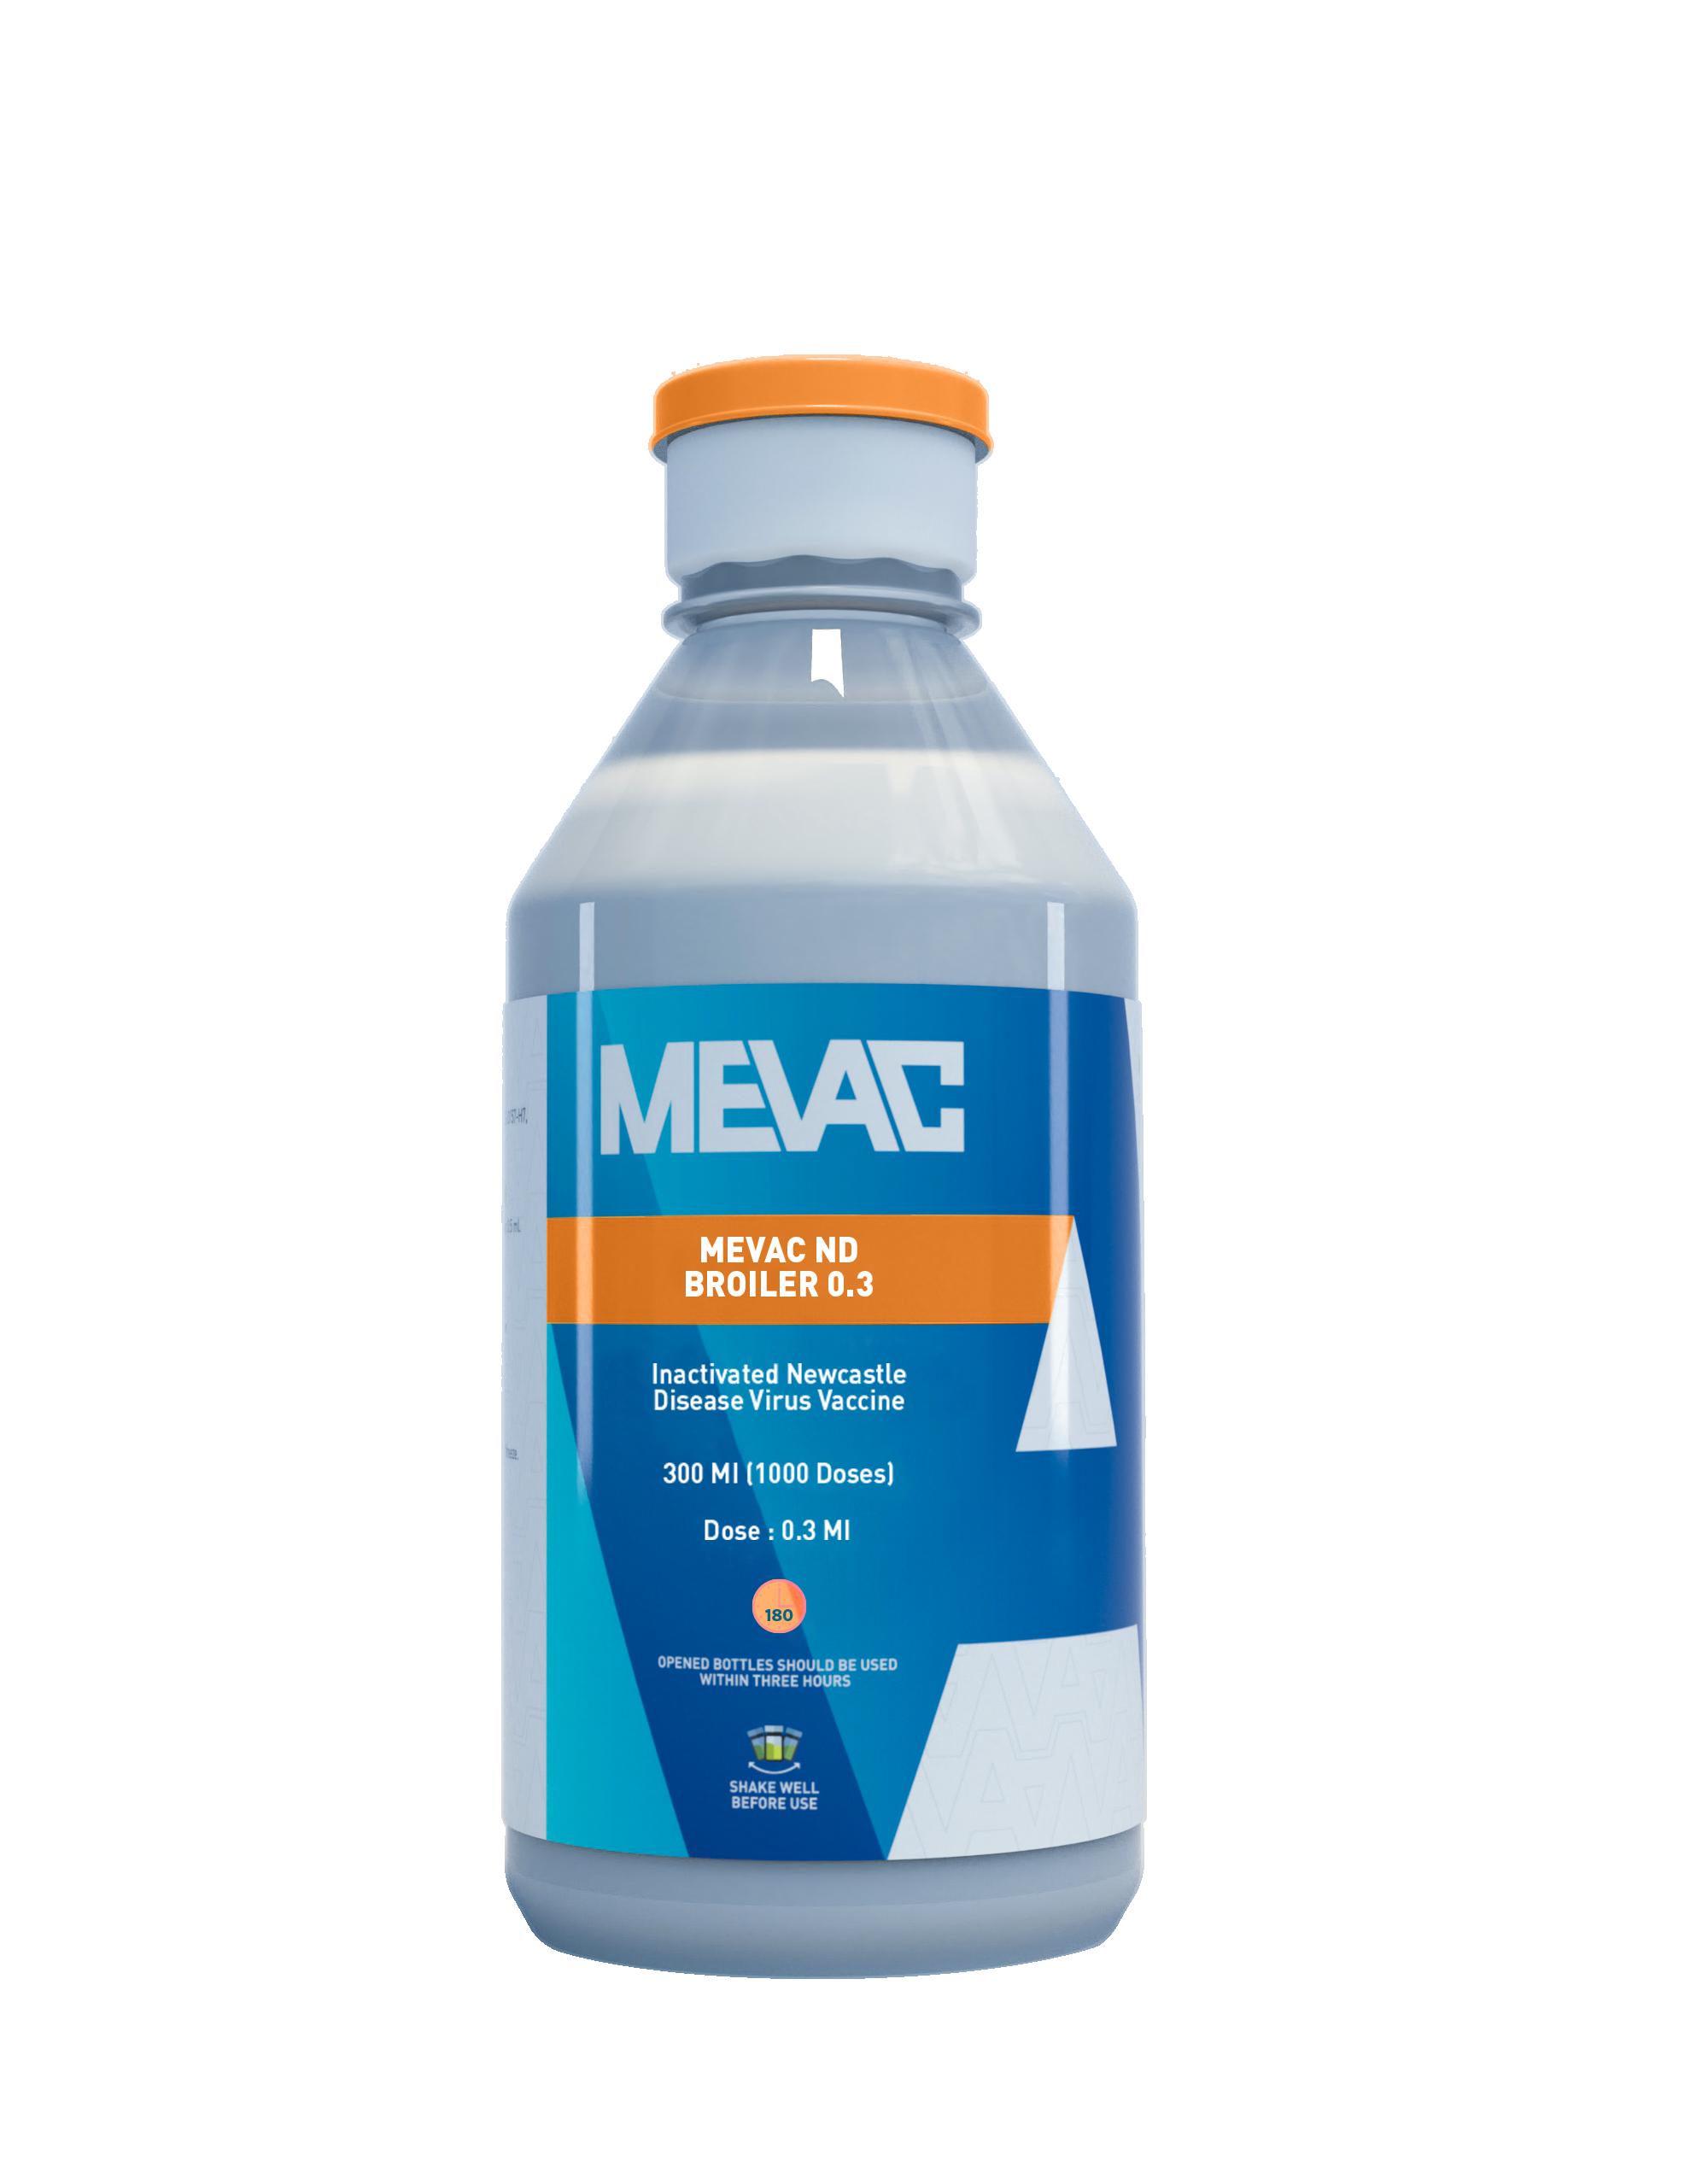 MEVAC ND Broiler 0.3